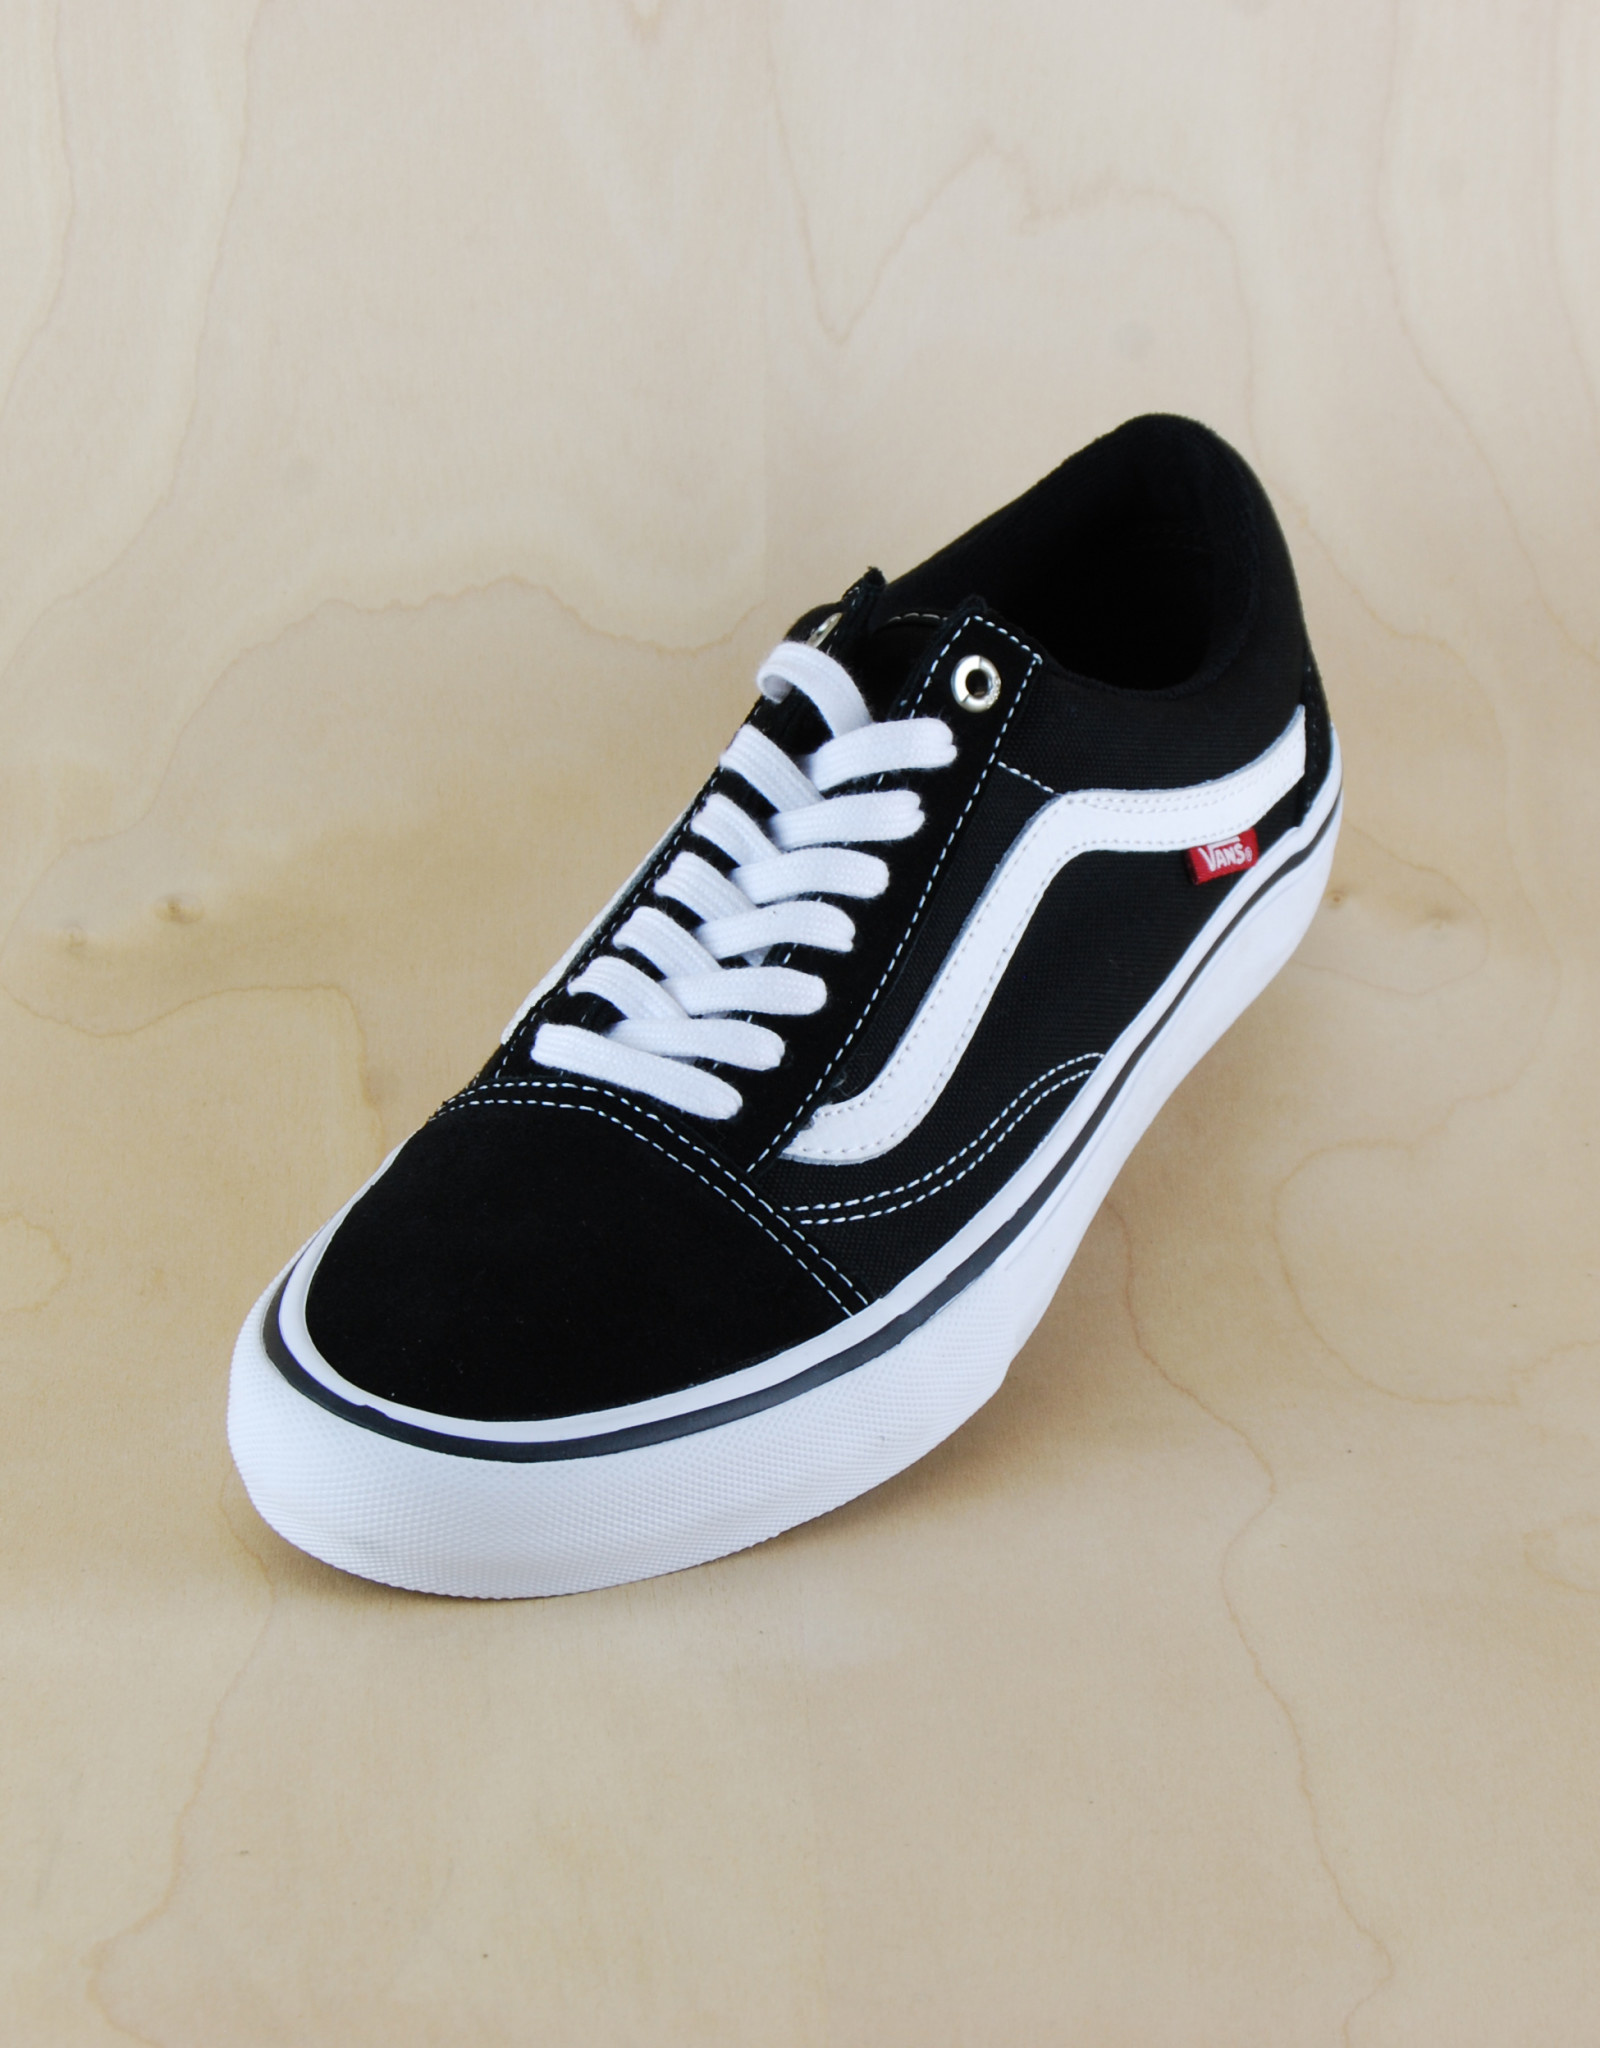 Vans Vans - Old Skool Pro Black/White